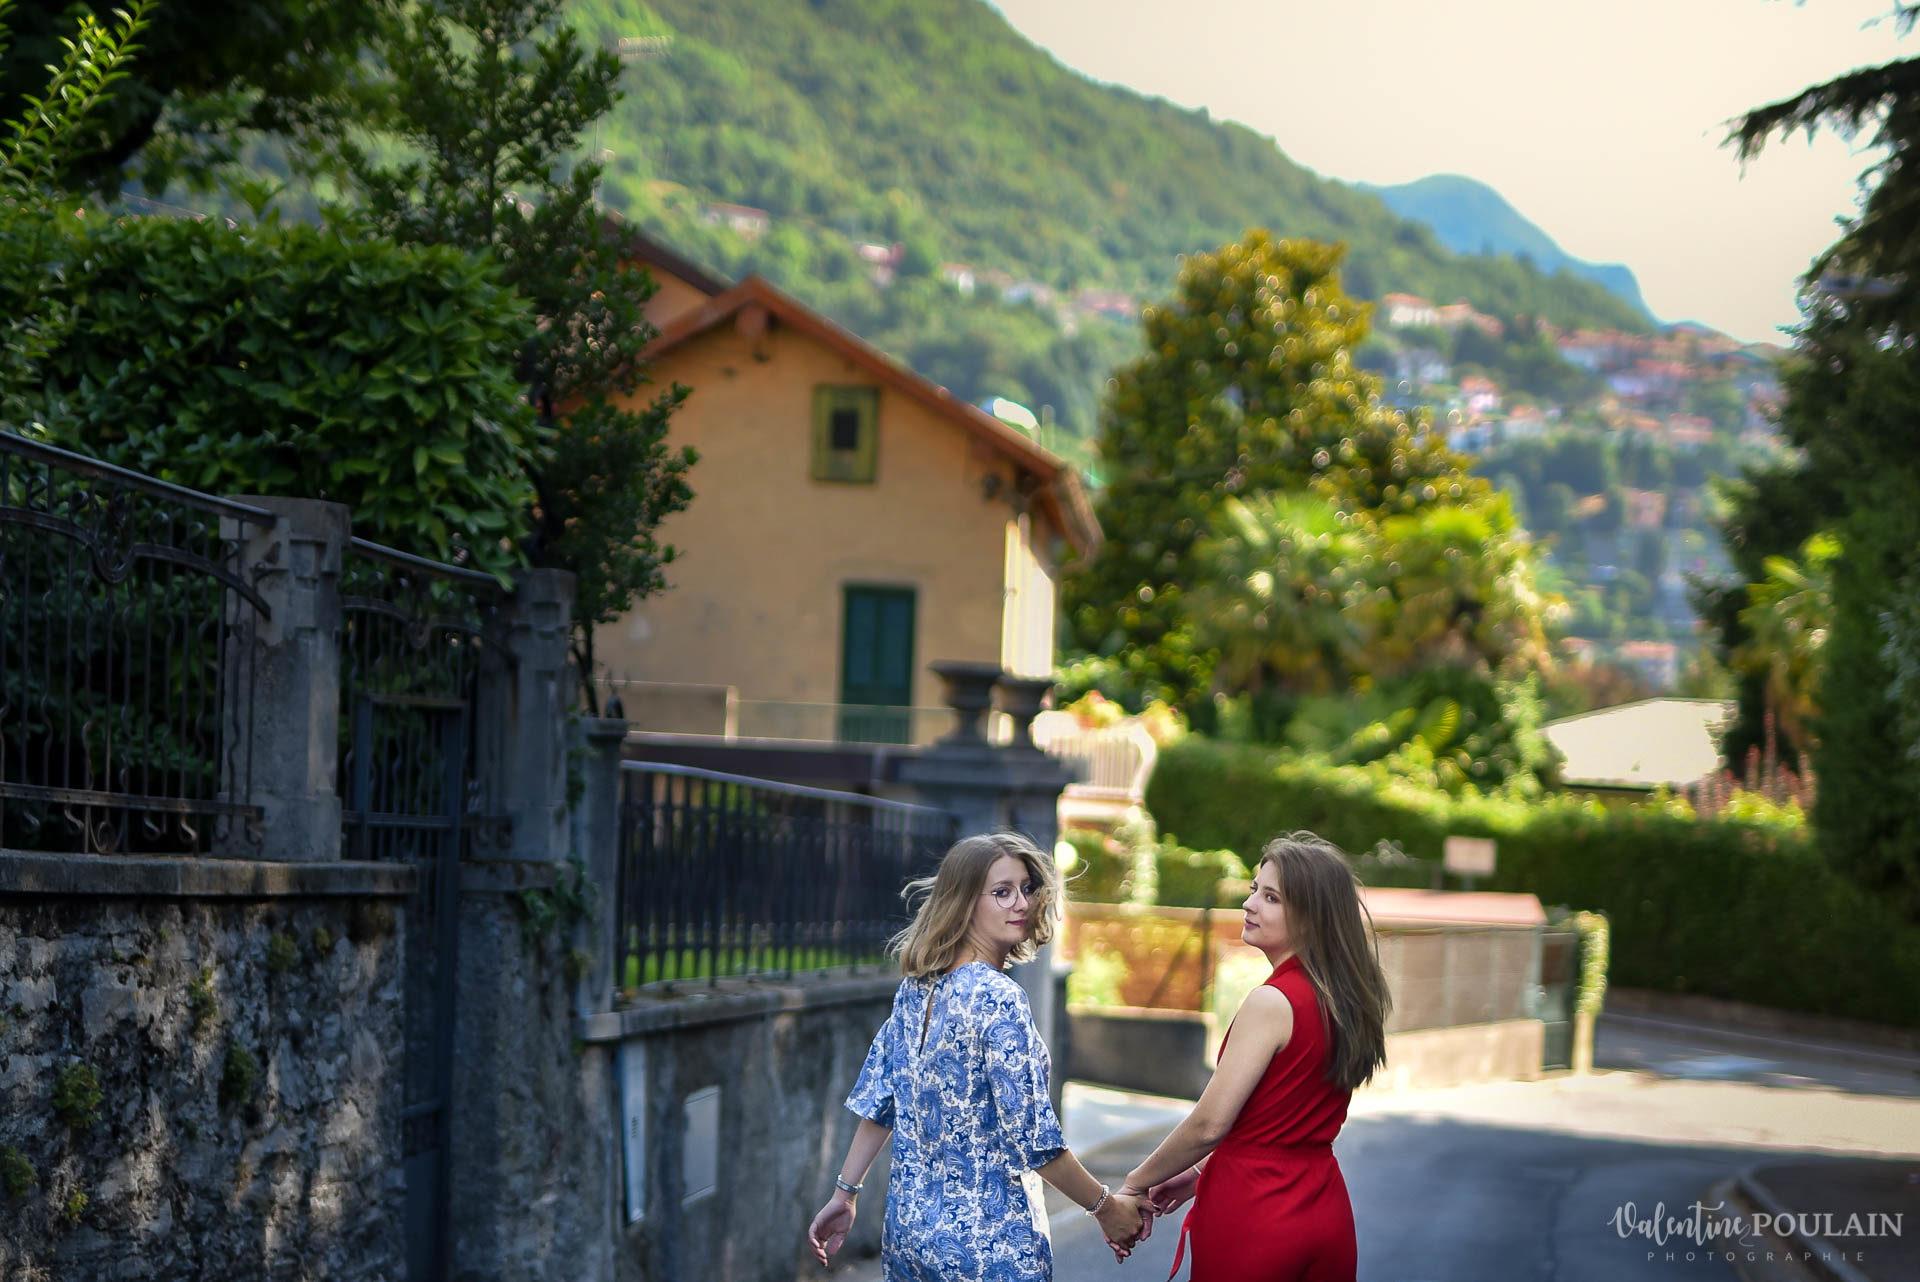 soeurs italie - Valentine Poulain